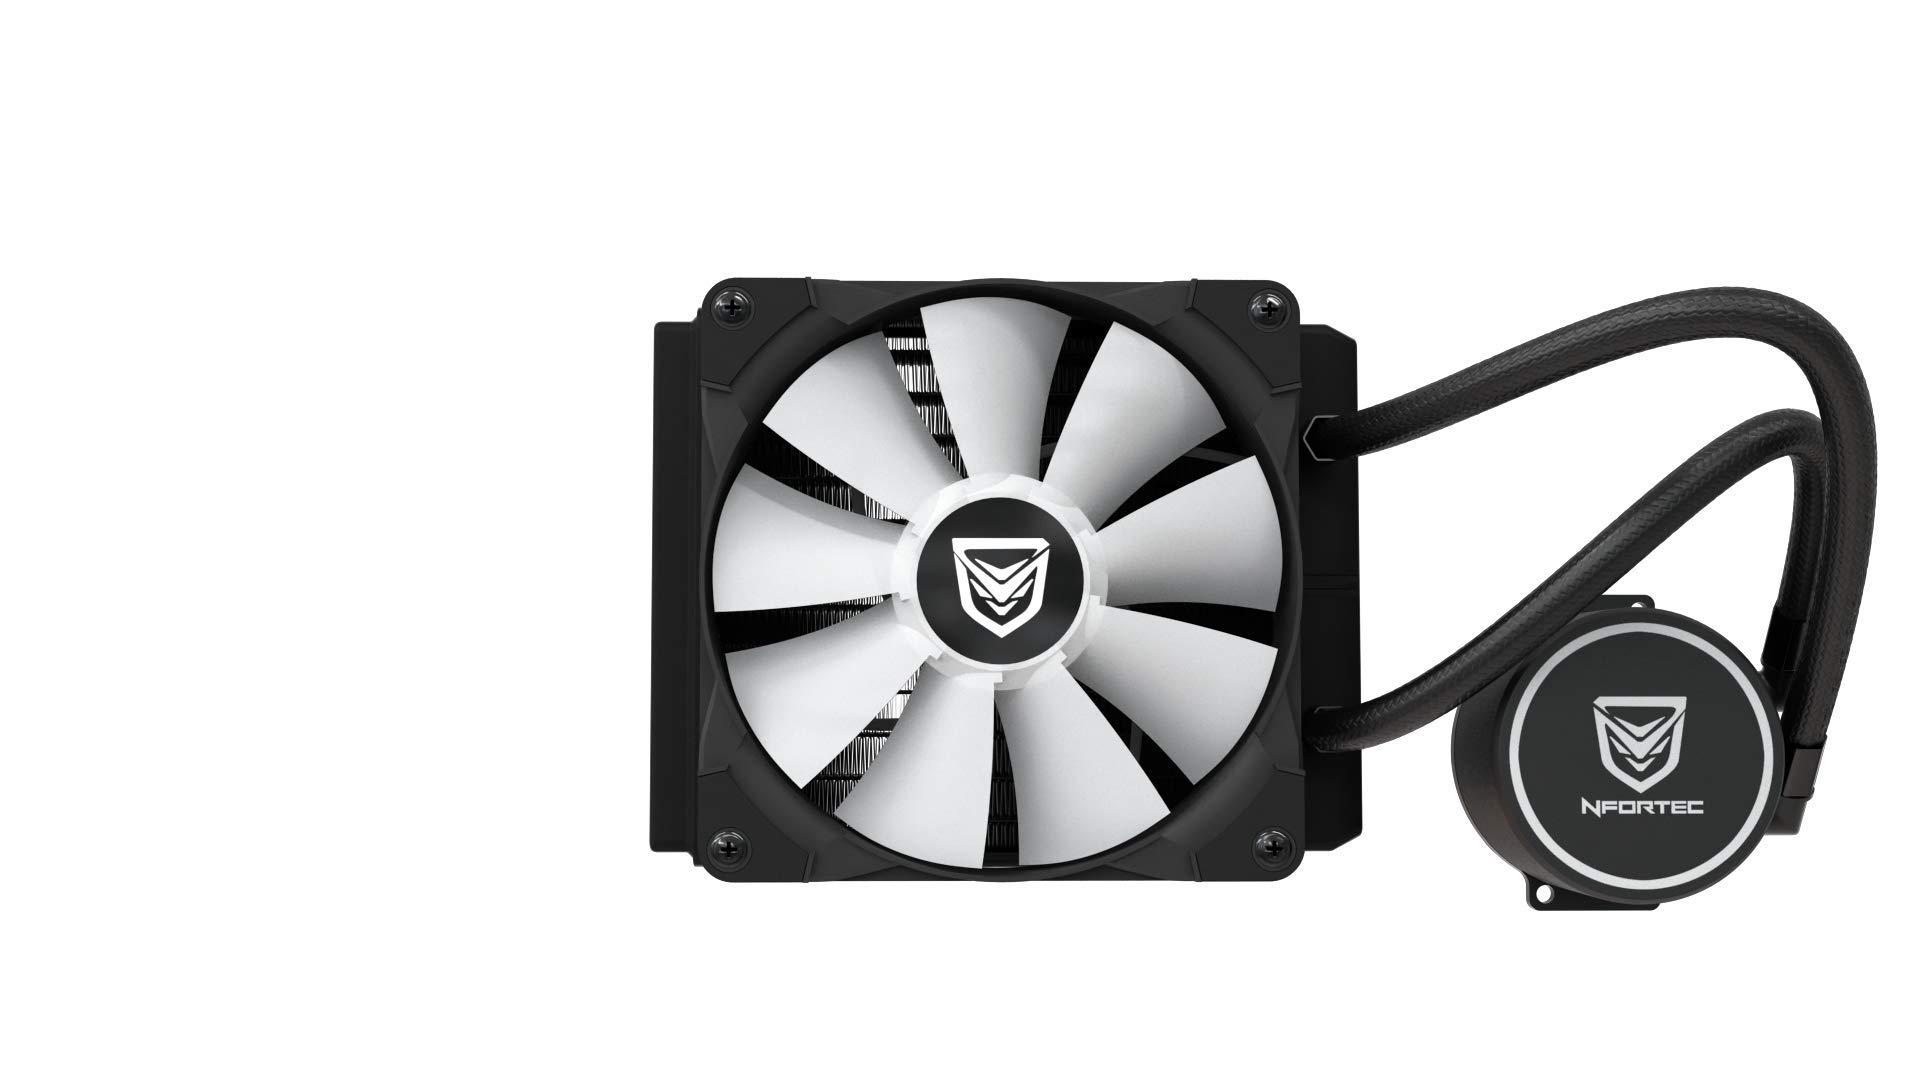 Nfortec Hydrus RGB Refrigeración Líquida 120mm con Retroiluminación RGB y Ventiladores de 120mm con PMW Integrado: Amazon.es: Informática